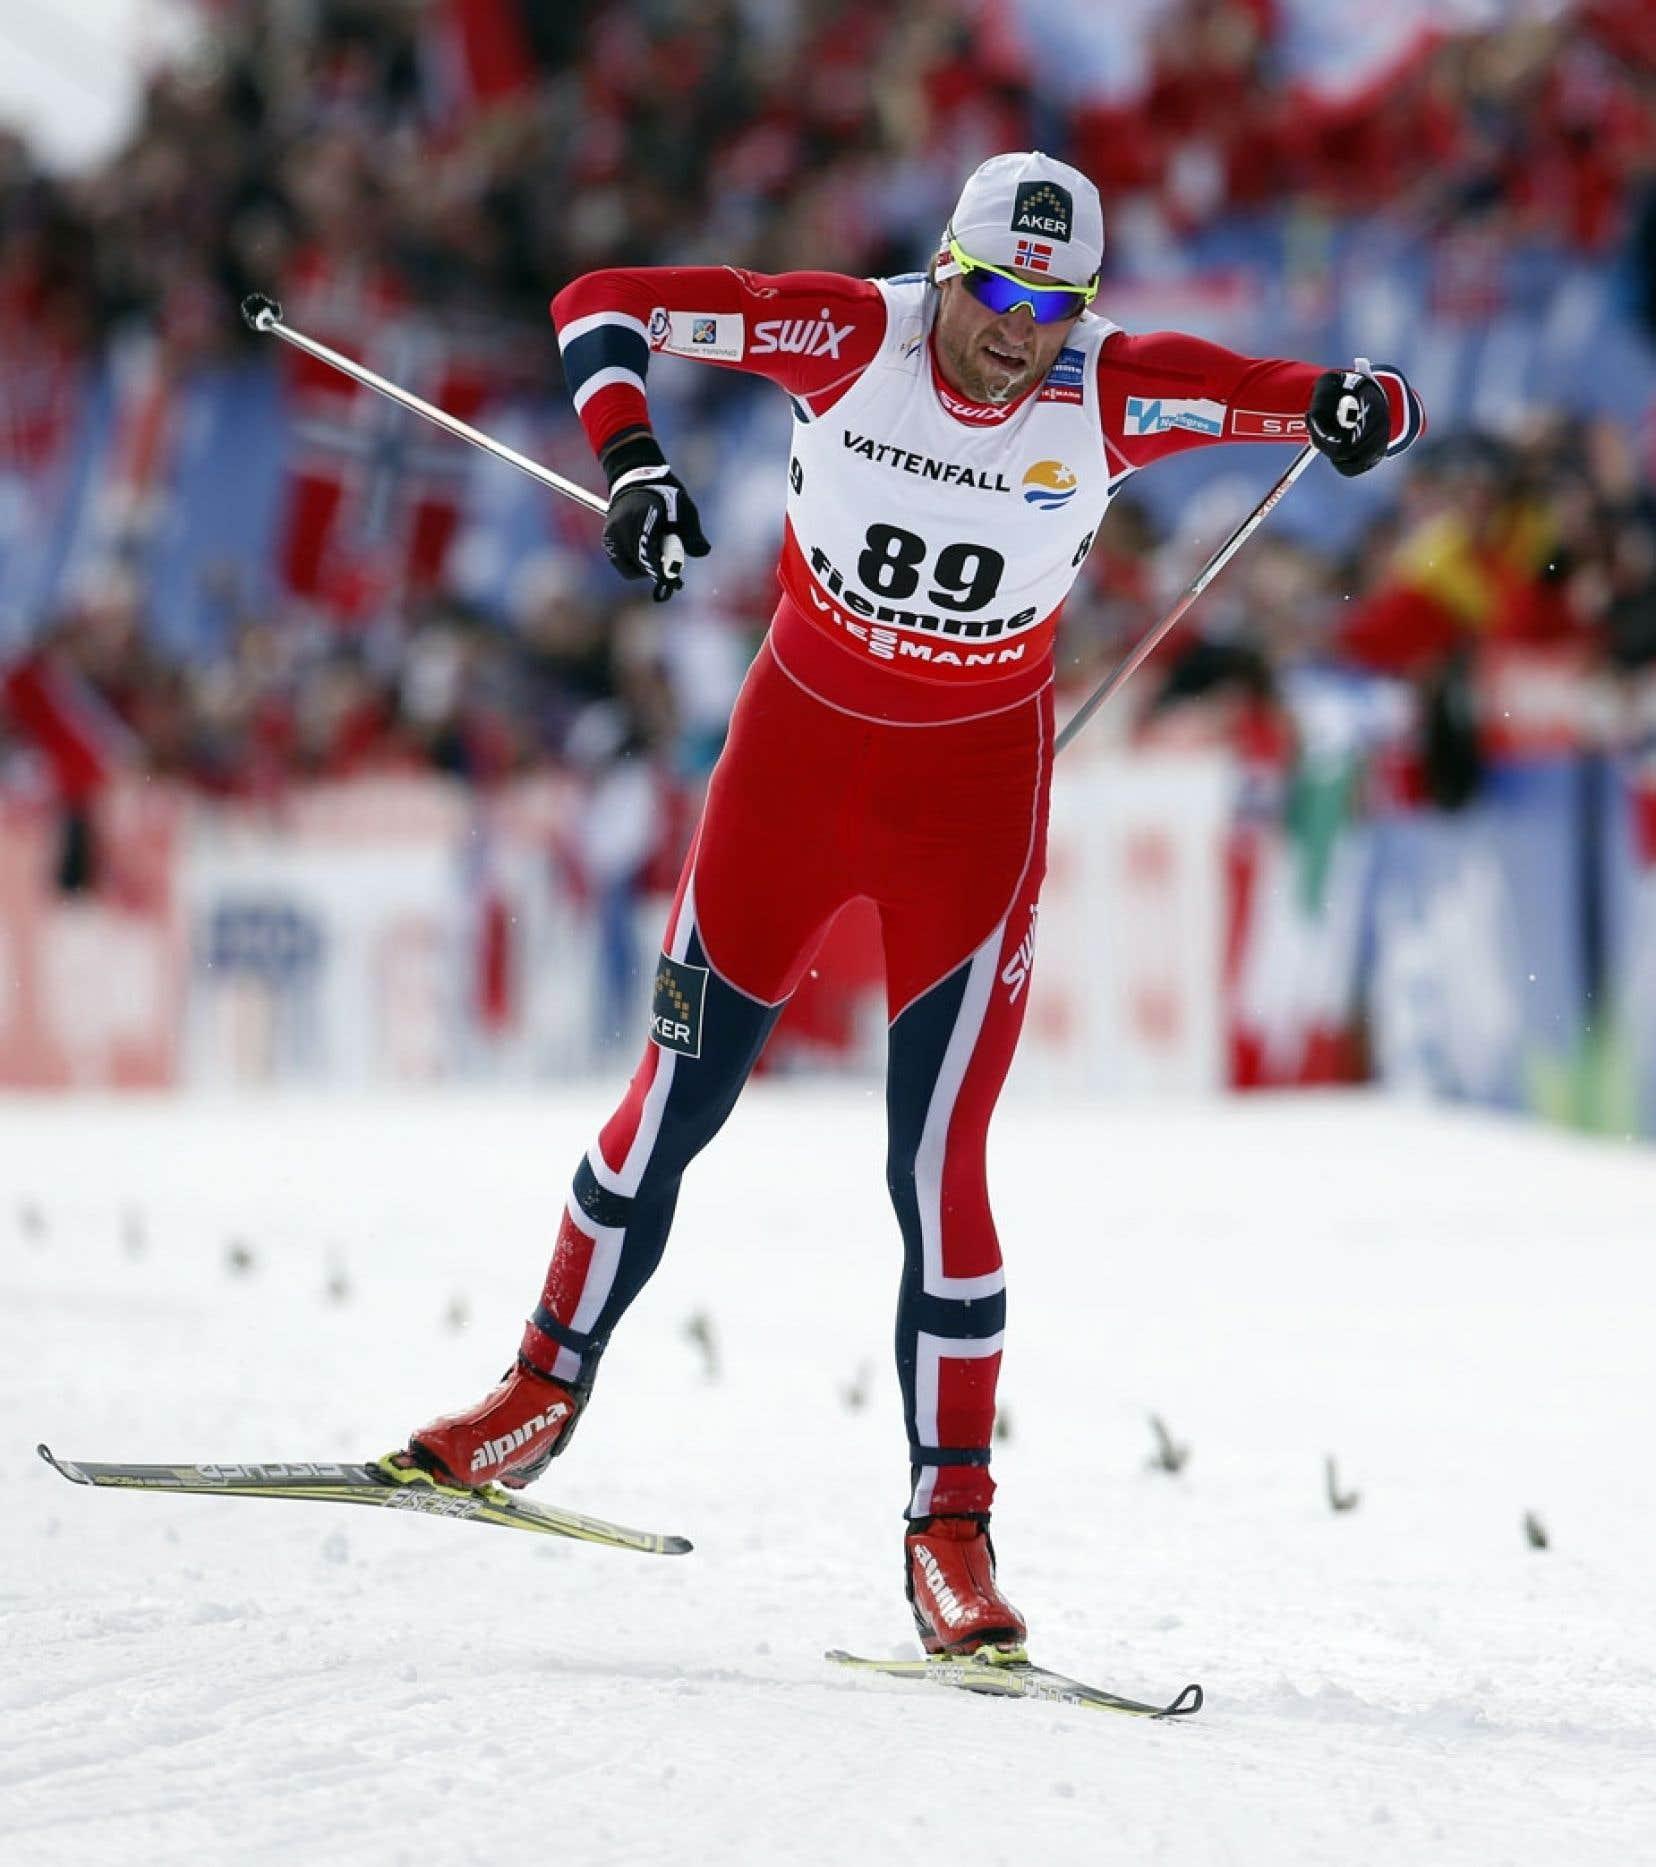 Le légendaire fondeur norvégien Petter Northug a remporté mercredi sa première médaille d'or des actuels Championnats du monde de ski de fond.